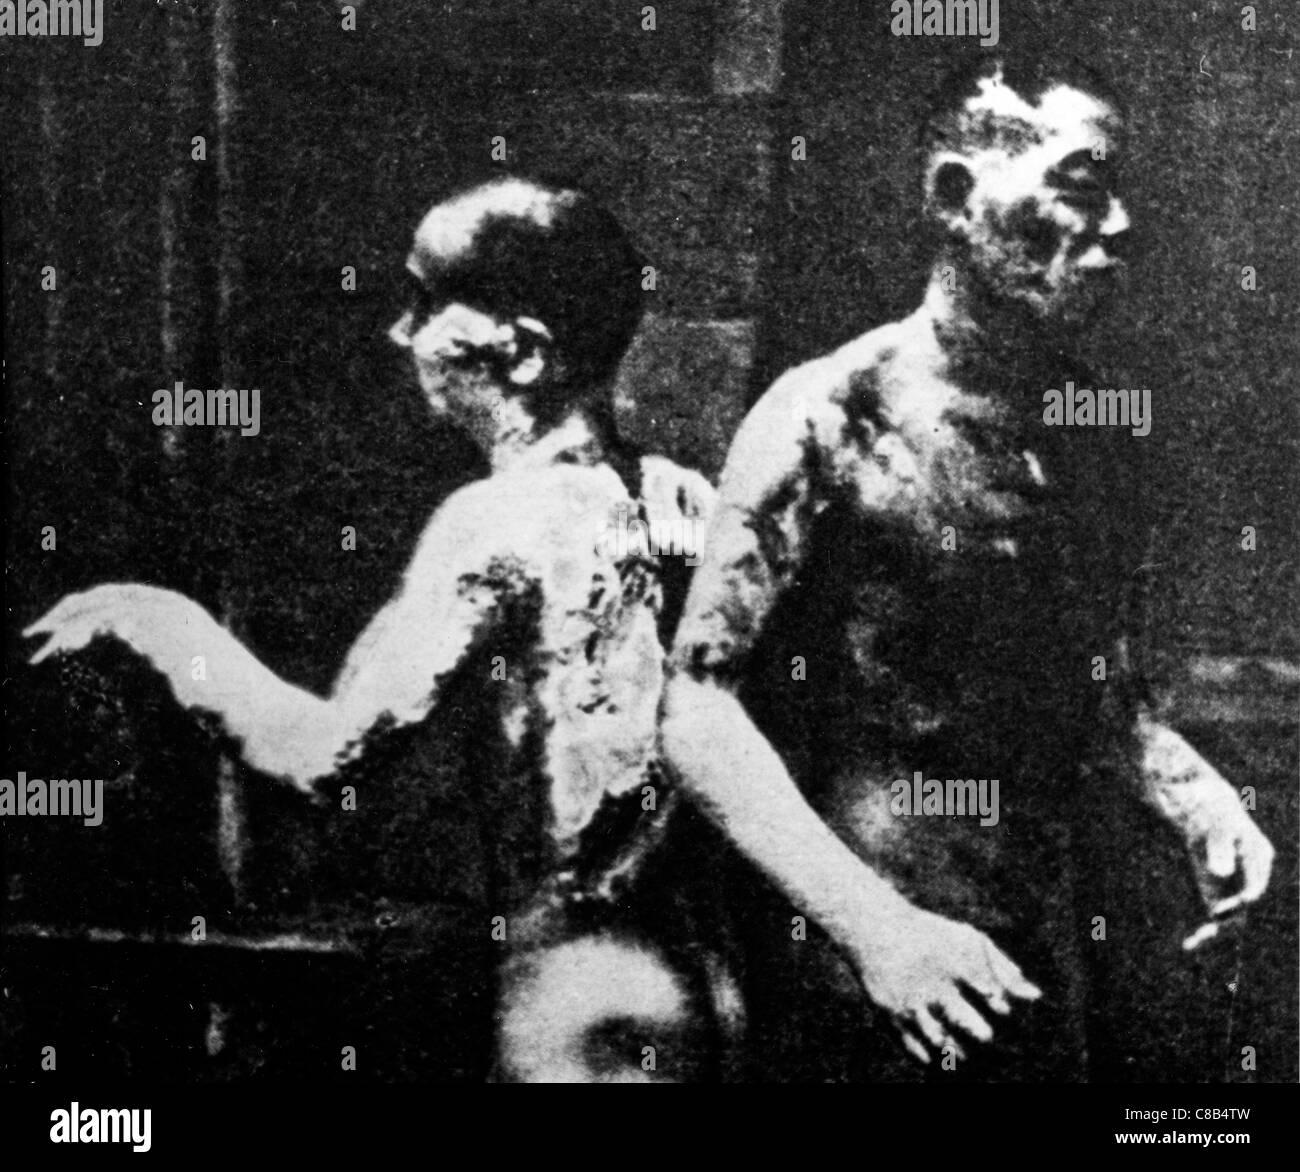 Deux après la gravure explosion atomique à Hiroshima,1945 Banque D'Images